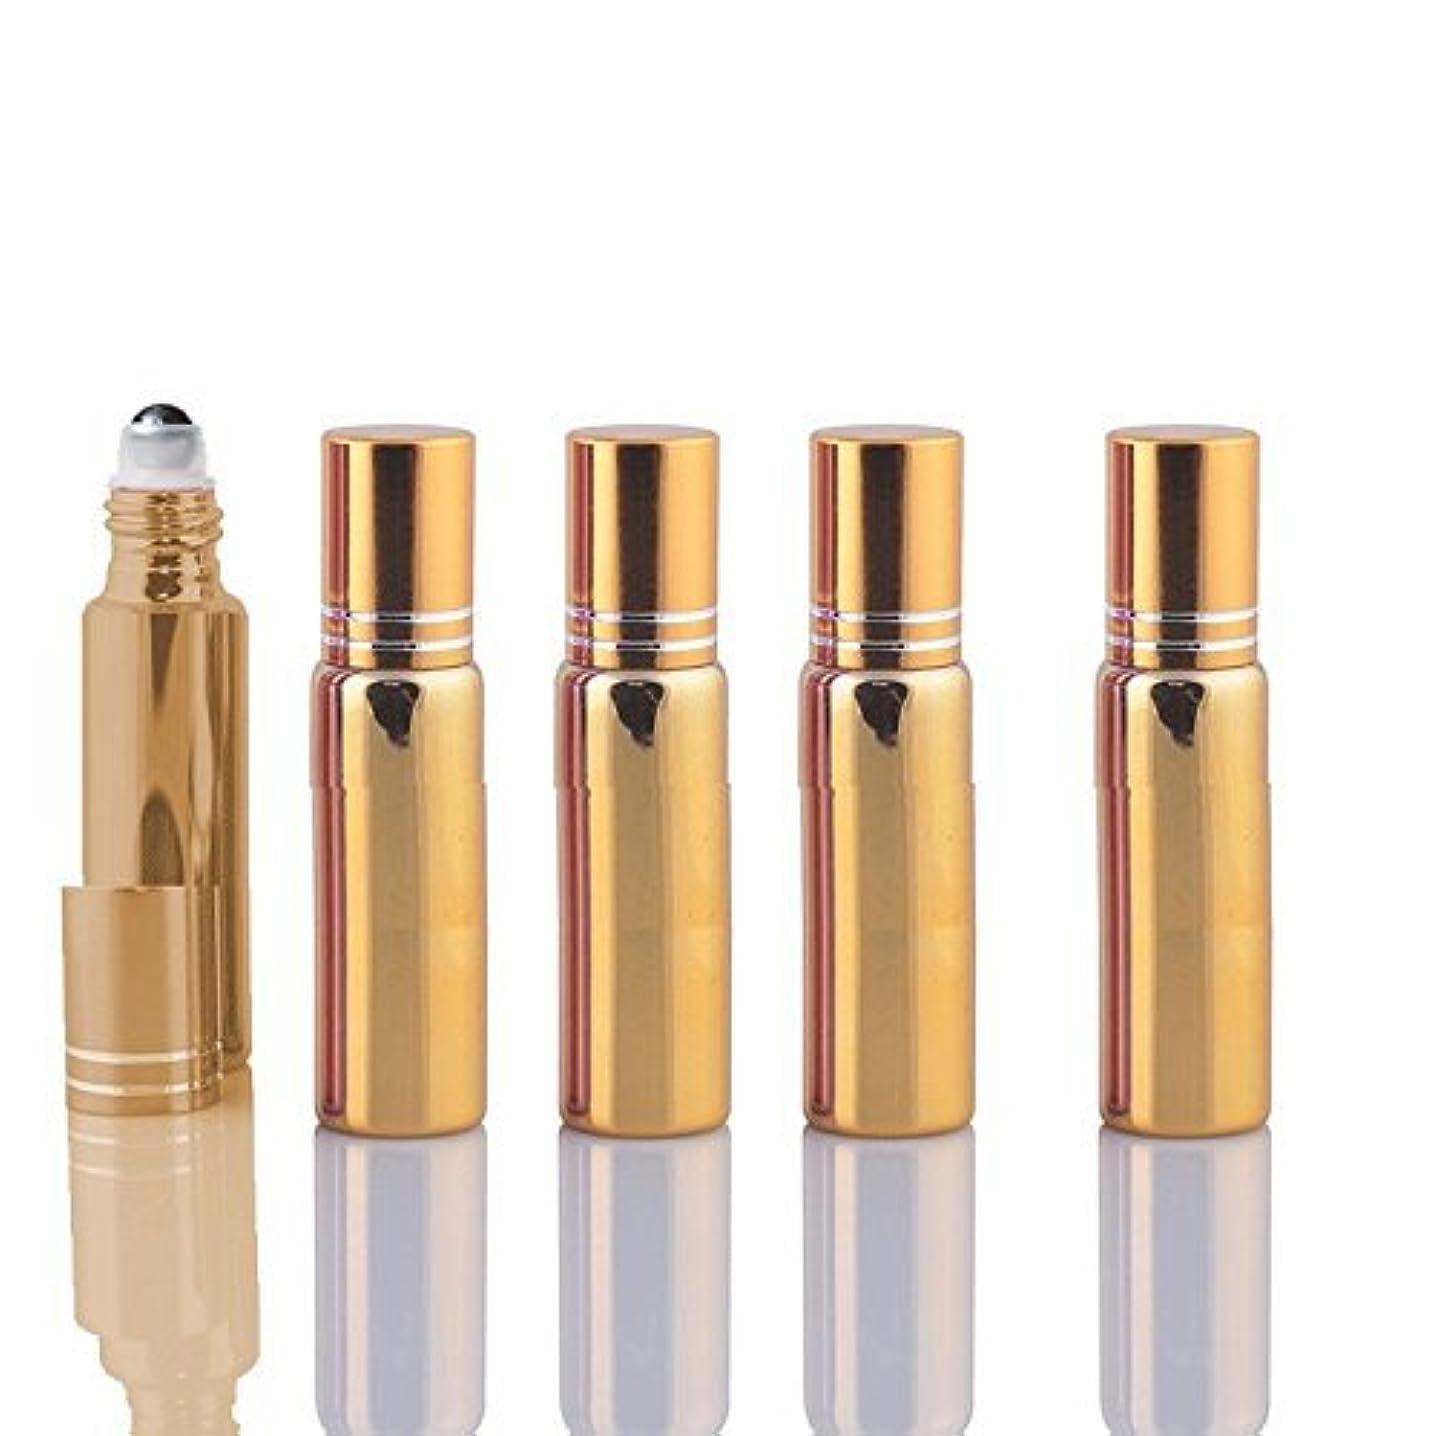 集中的な伝説真空10 Sets Colored 5ml UV Coated Glass Roller Ball Refillable Rollon Bottles Grand Parfums with Stainless Steel Rollers...